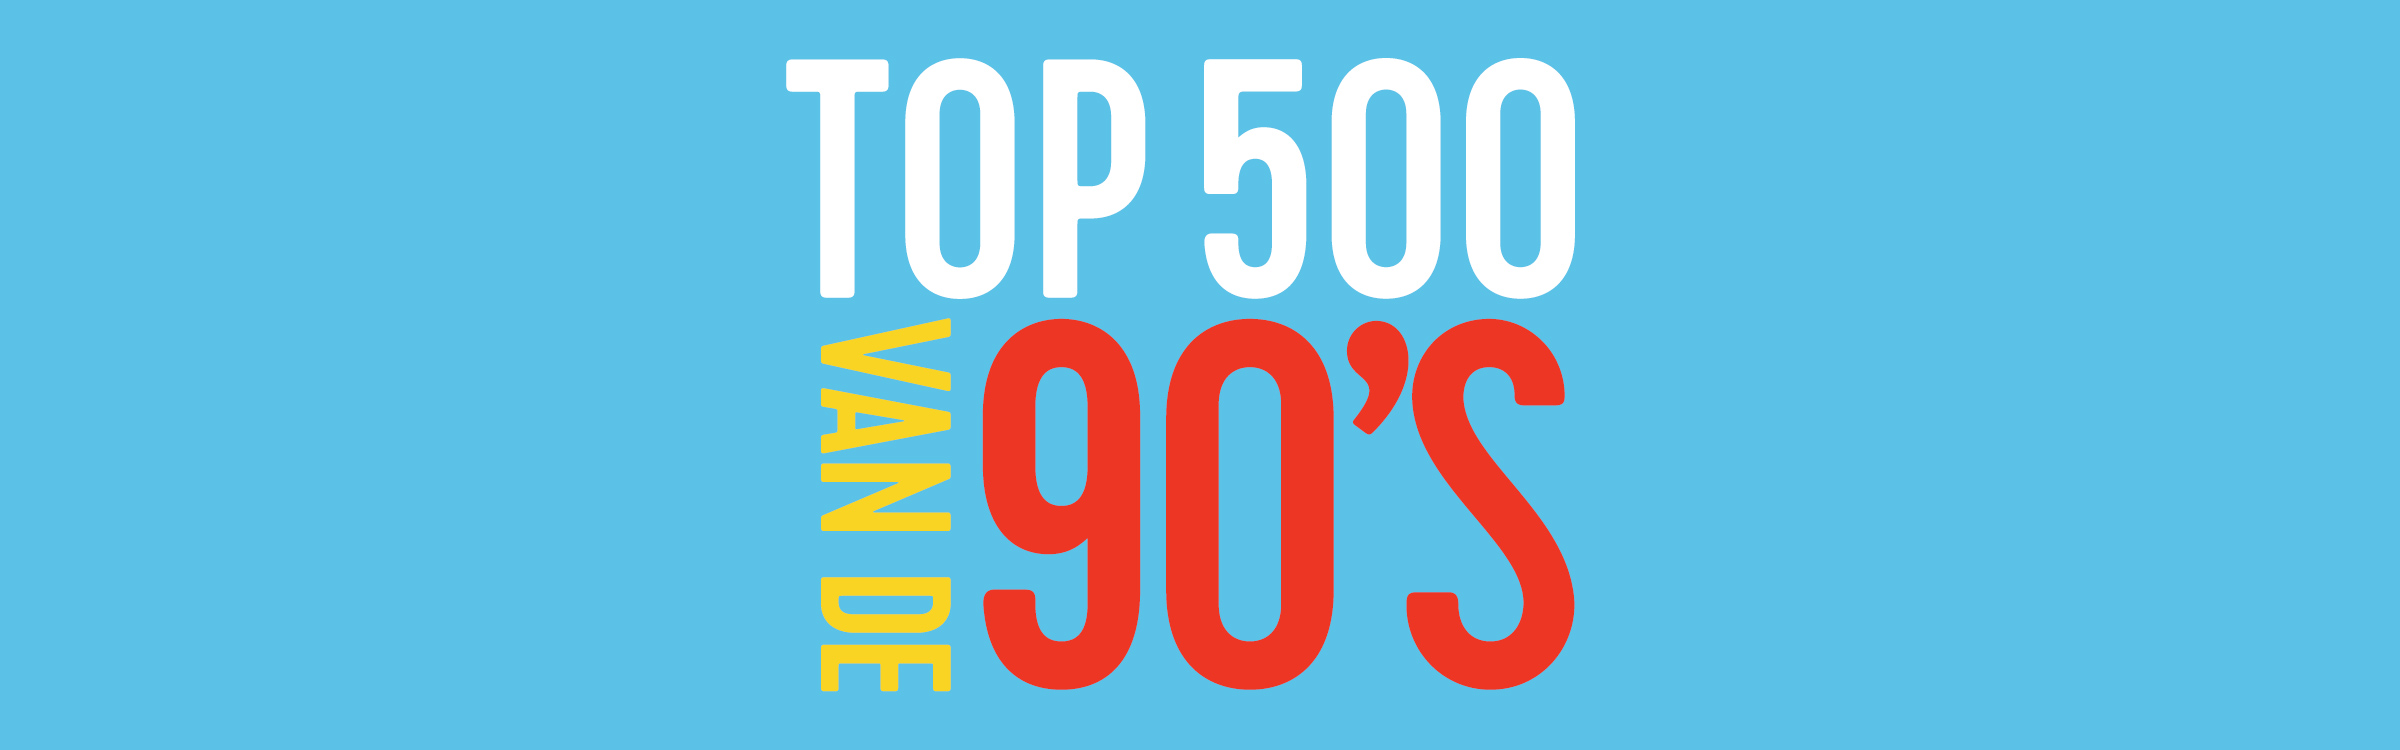 Top 500 van de 90's - 2016 - Qmusic